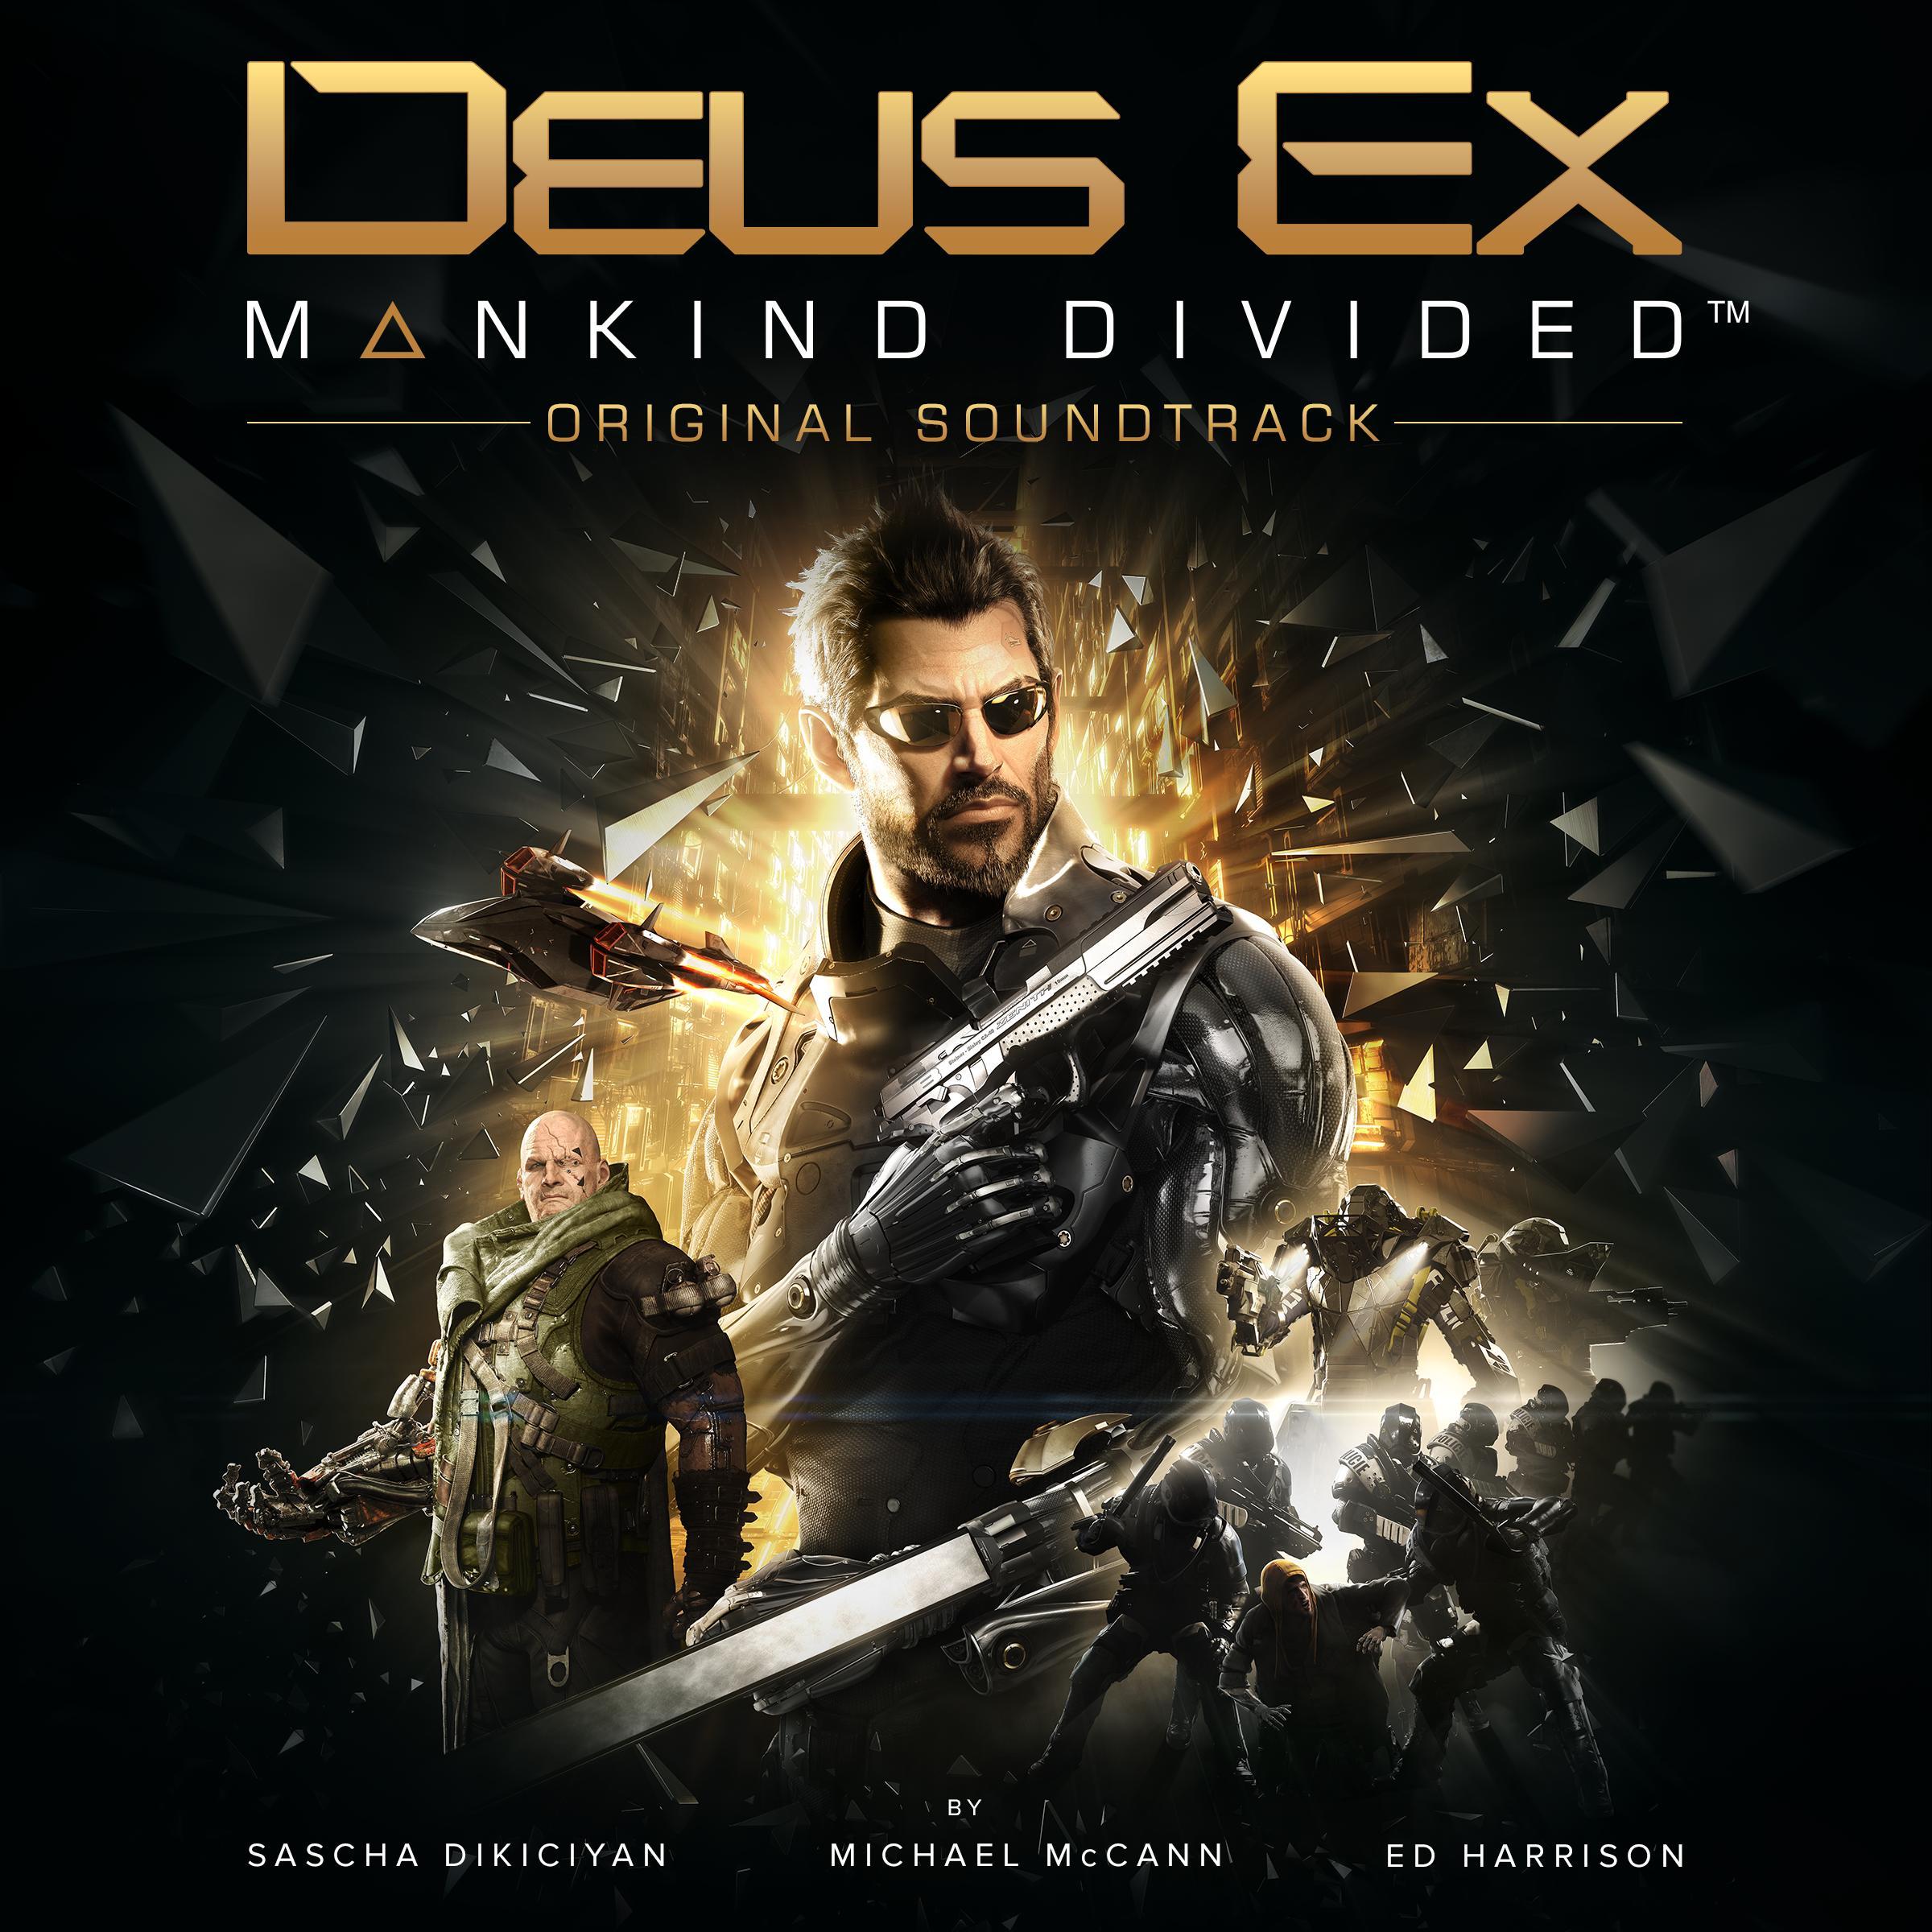 deus-ex-md_soundtrack_online_02-02